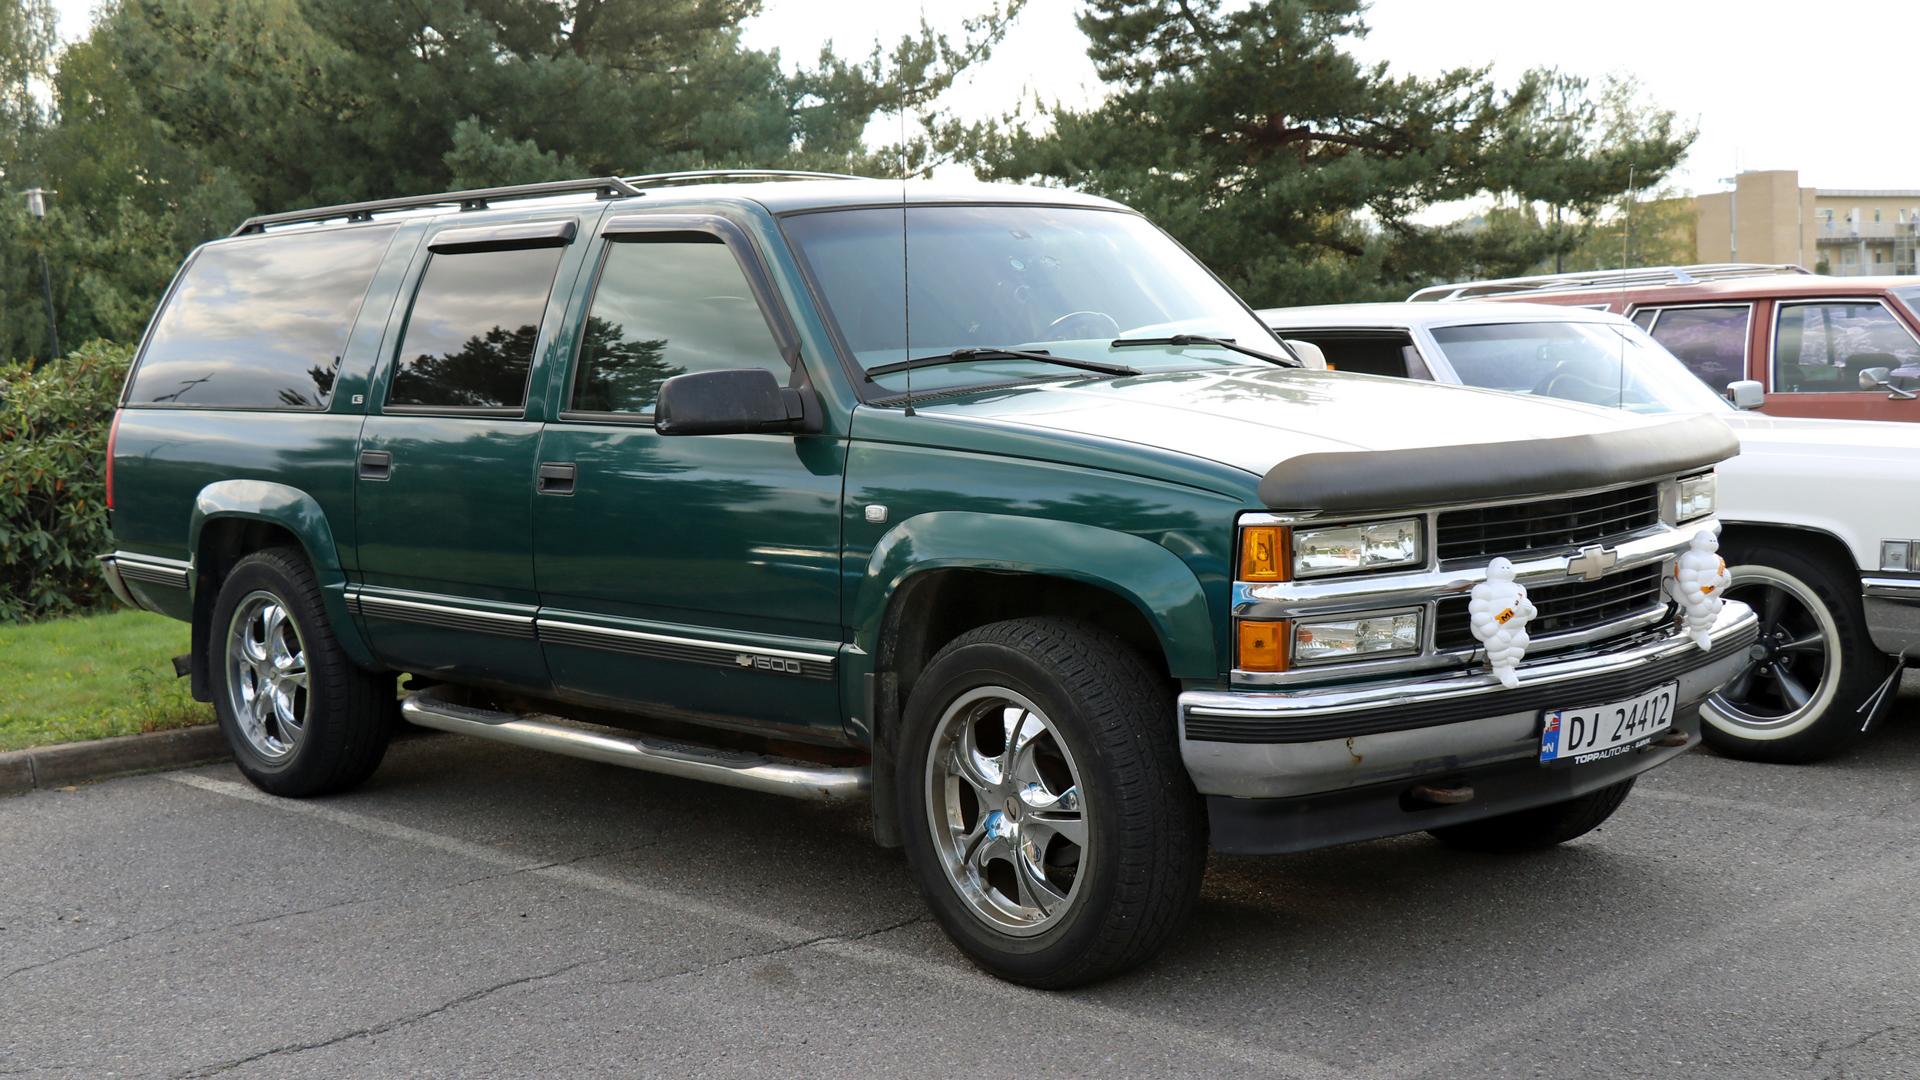 222-1997 Chevrolet Suburban 02. Eier- medlem 222 J